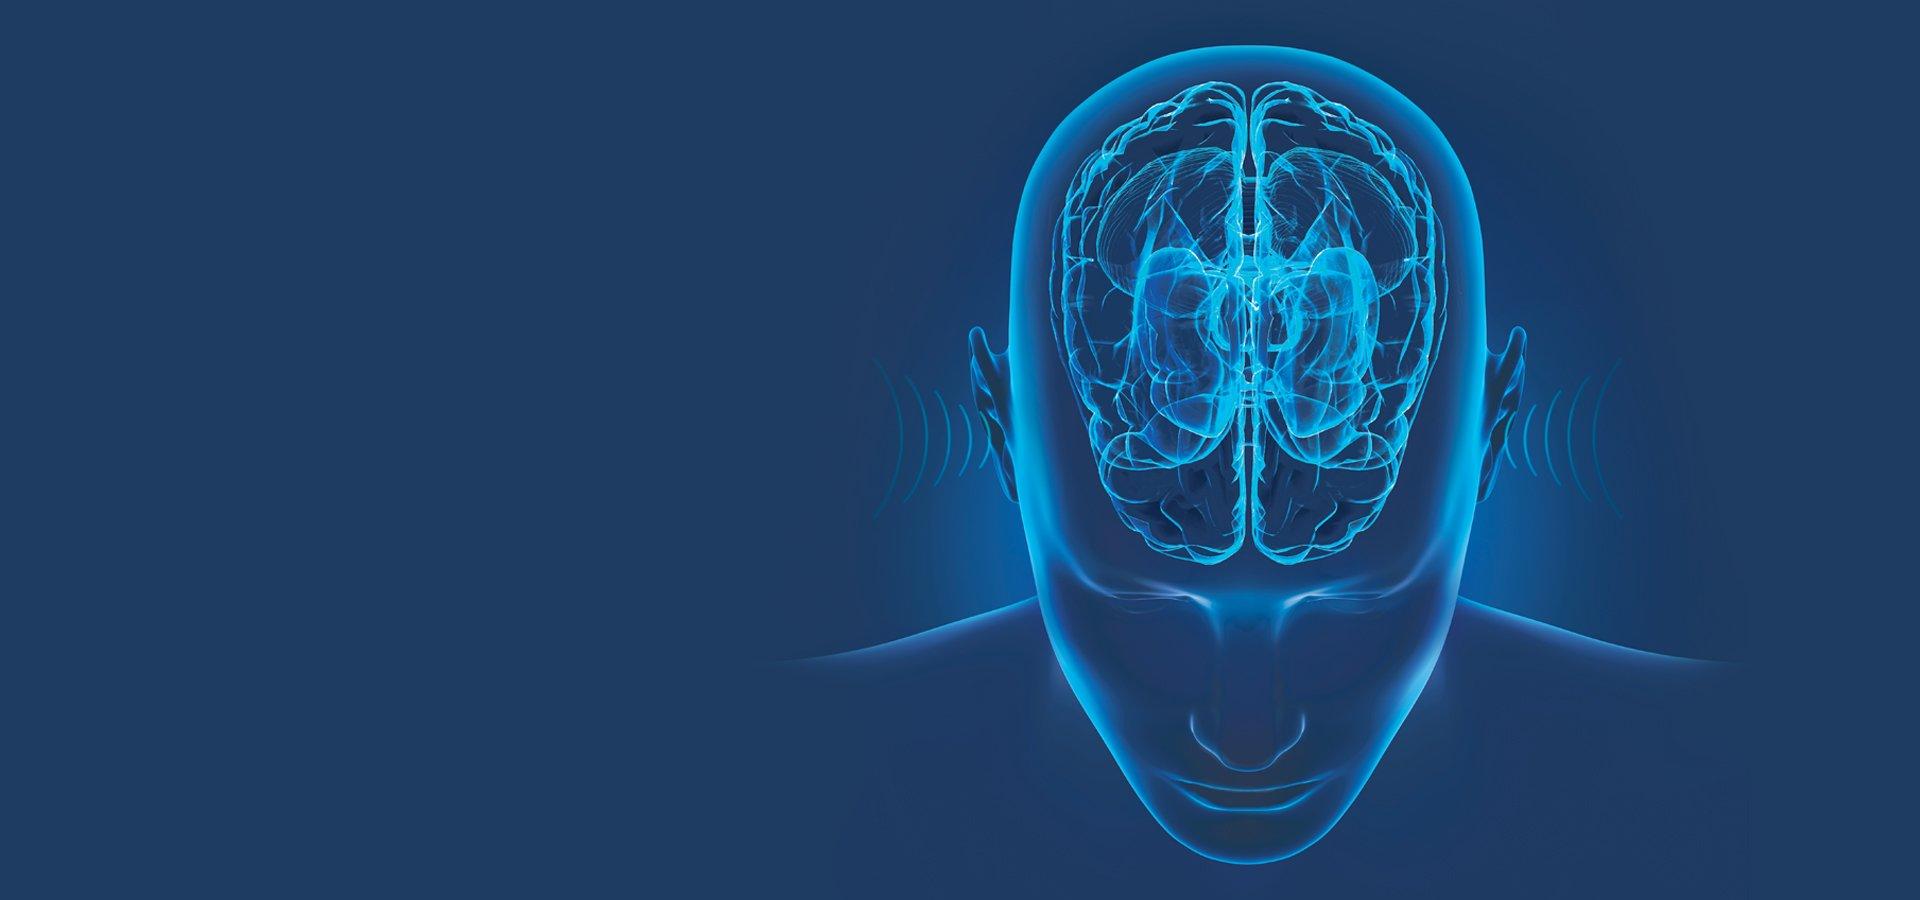 introbanner-BrainHearingTechnology-1920x900